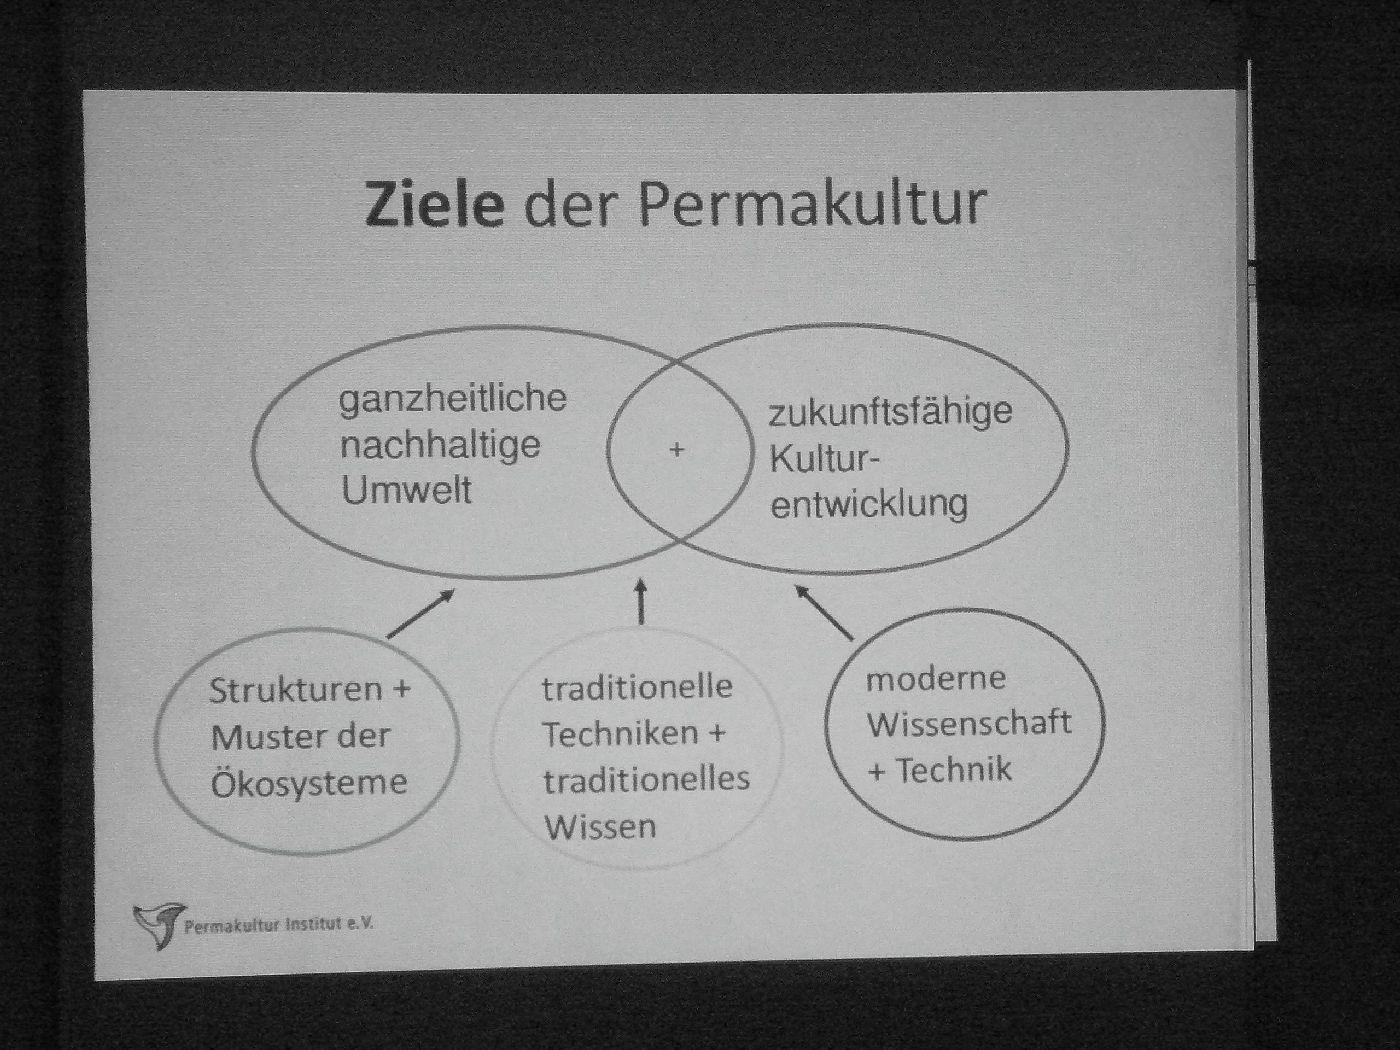 Permakultur Ziele: ganzheitliche nachhaltige Umwalt, zukunftsfähige Kulturentwicklung, Strukturen+Muster der Ökosysteme, traditionelle Techniken und Wissen, moderne Wissenschaft und Technik